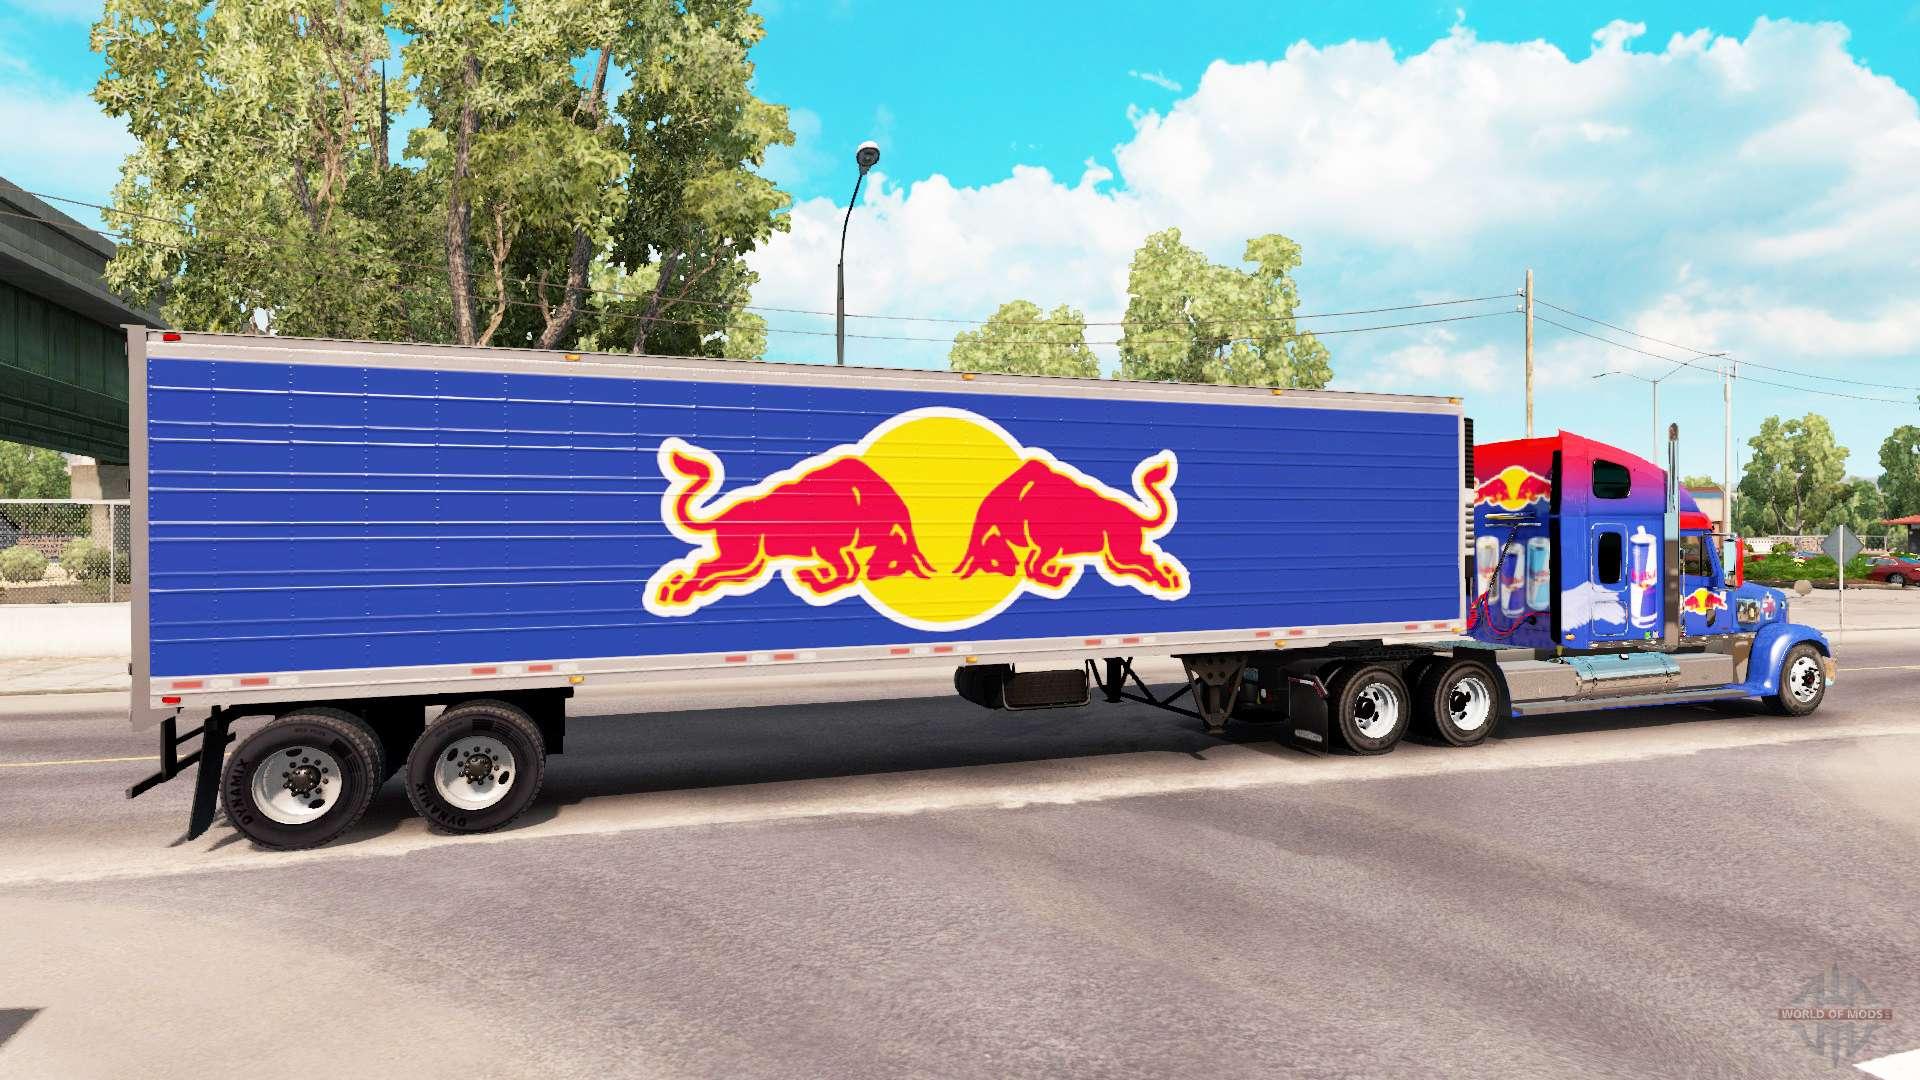 Kühlschrank Redbull : Haut red bull auf den anhänger der kühlschrank für american truck